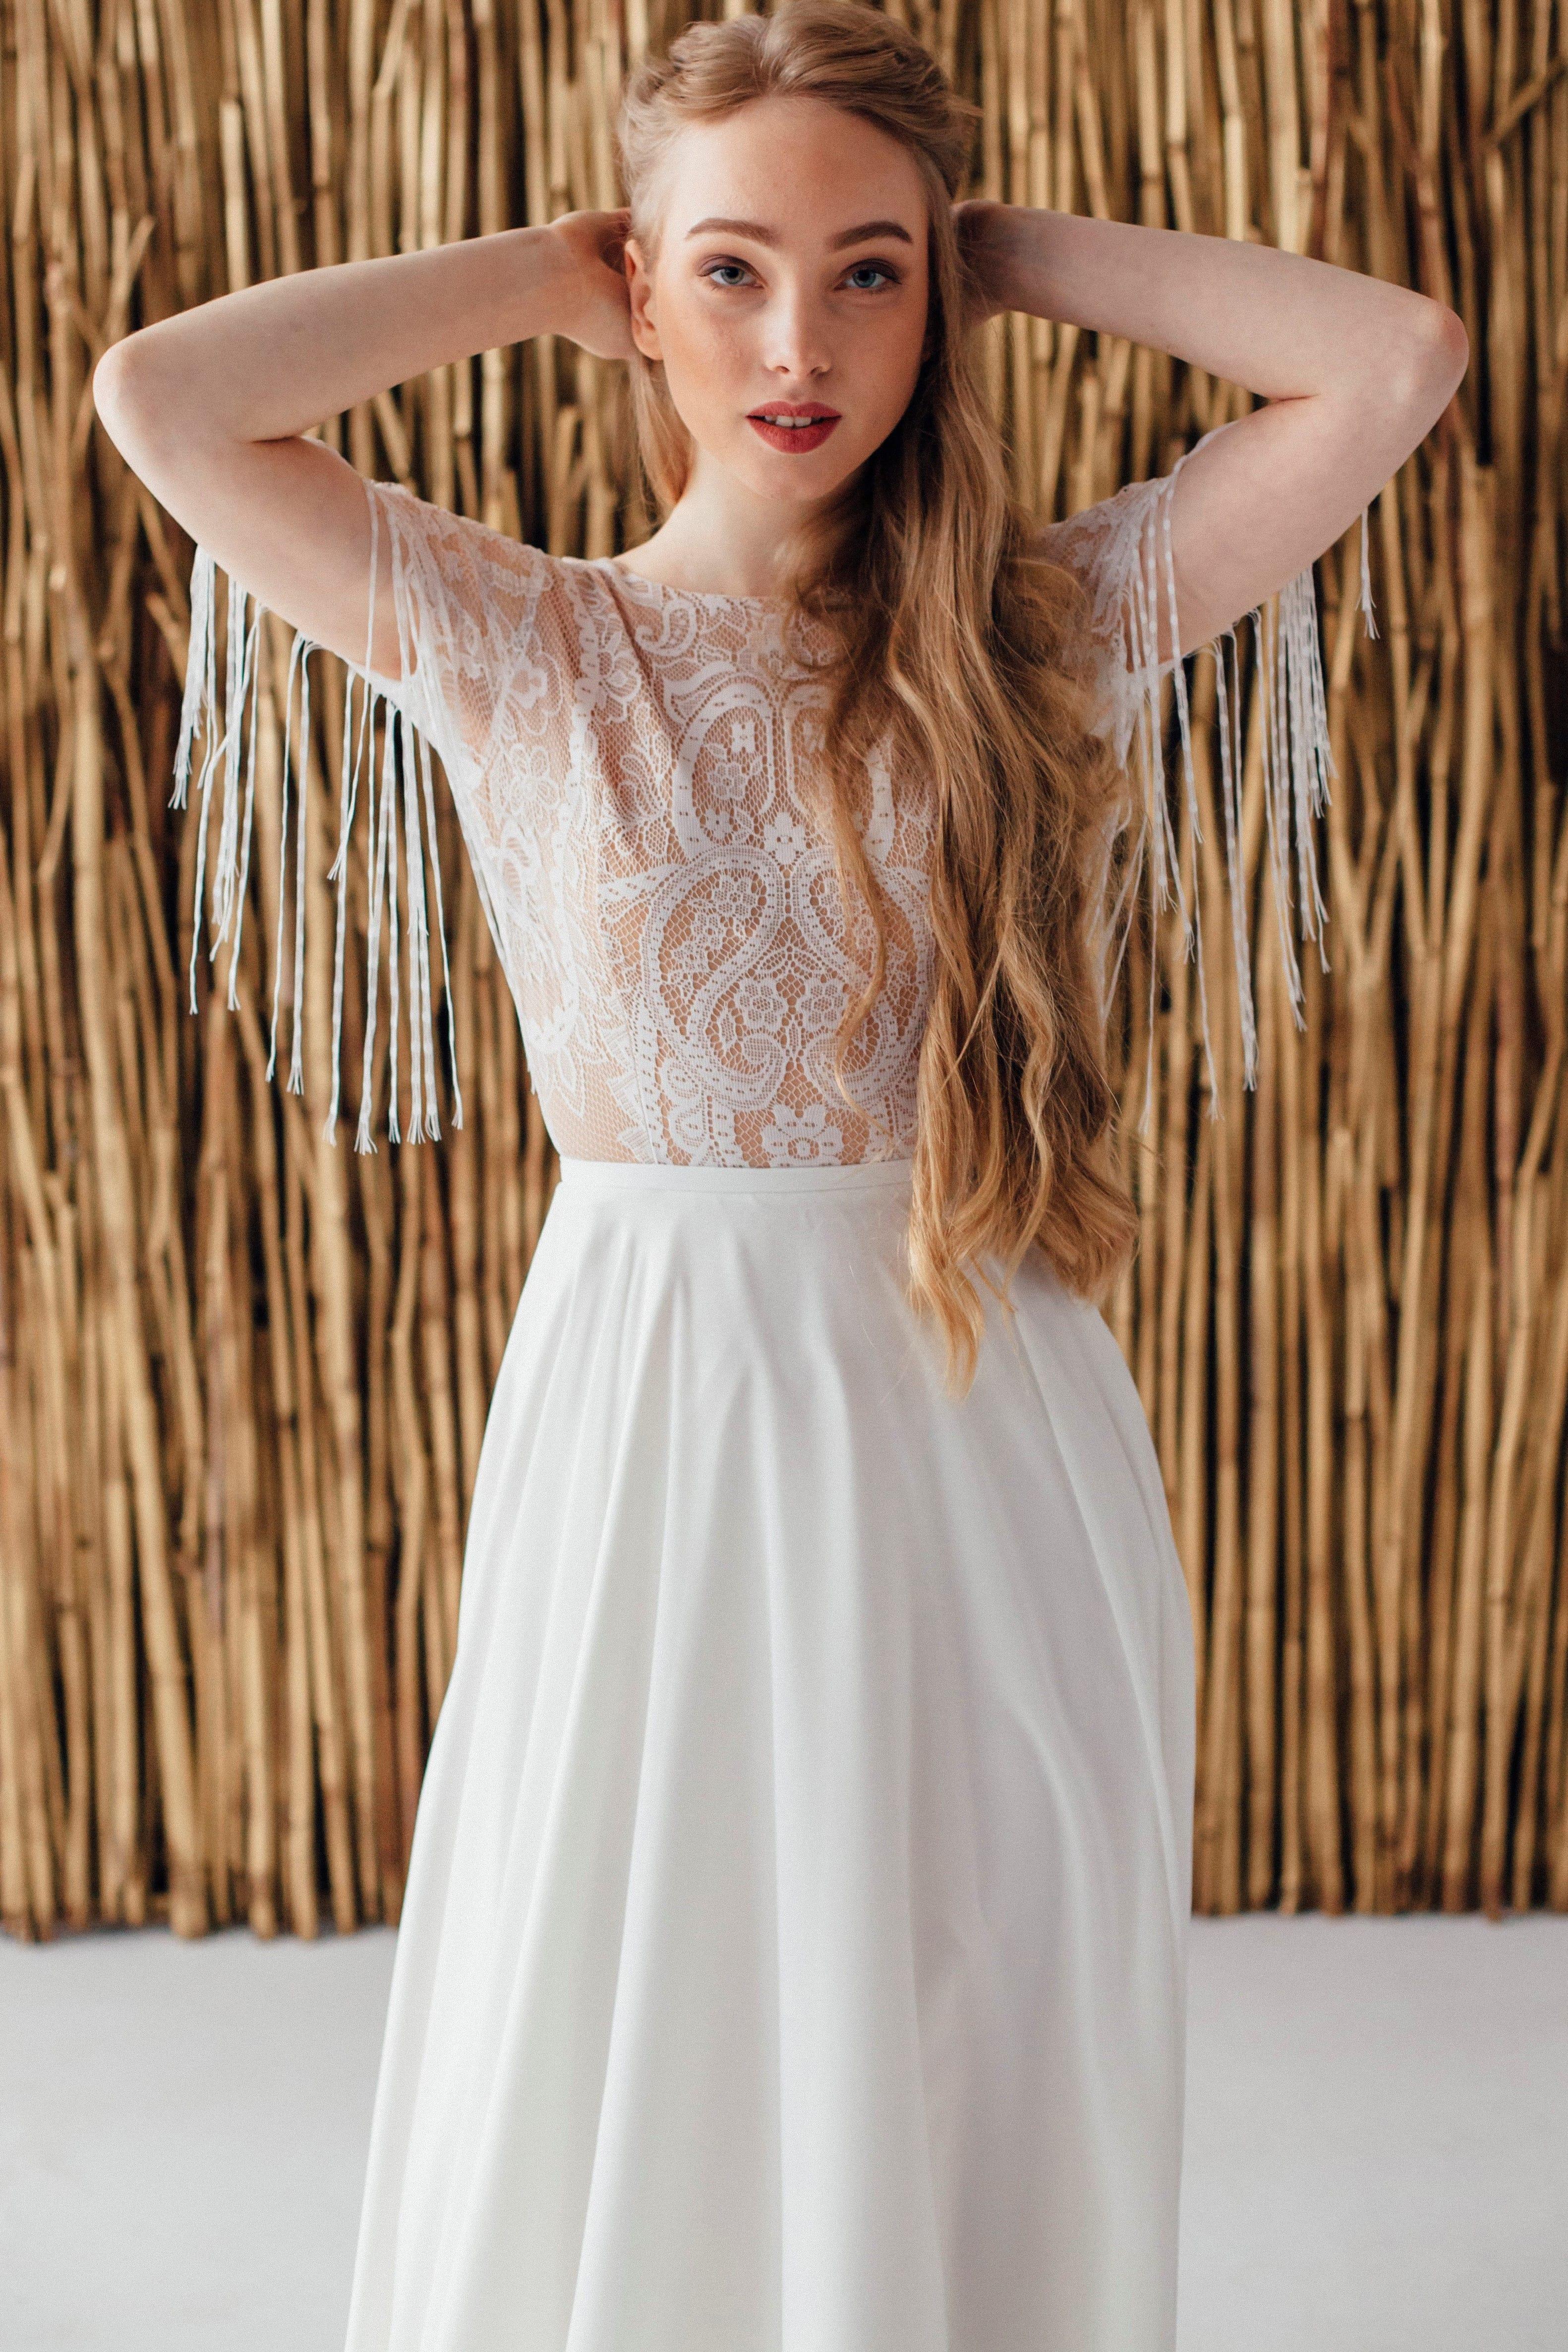 Свадебное платье FRIDA, коллекция MAGIC OF TENDERNESS, бренд LORA SONG, фото 2